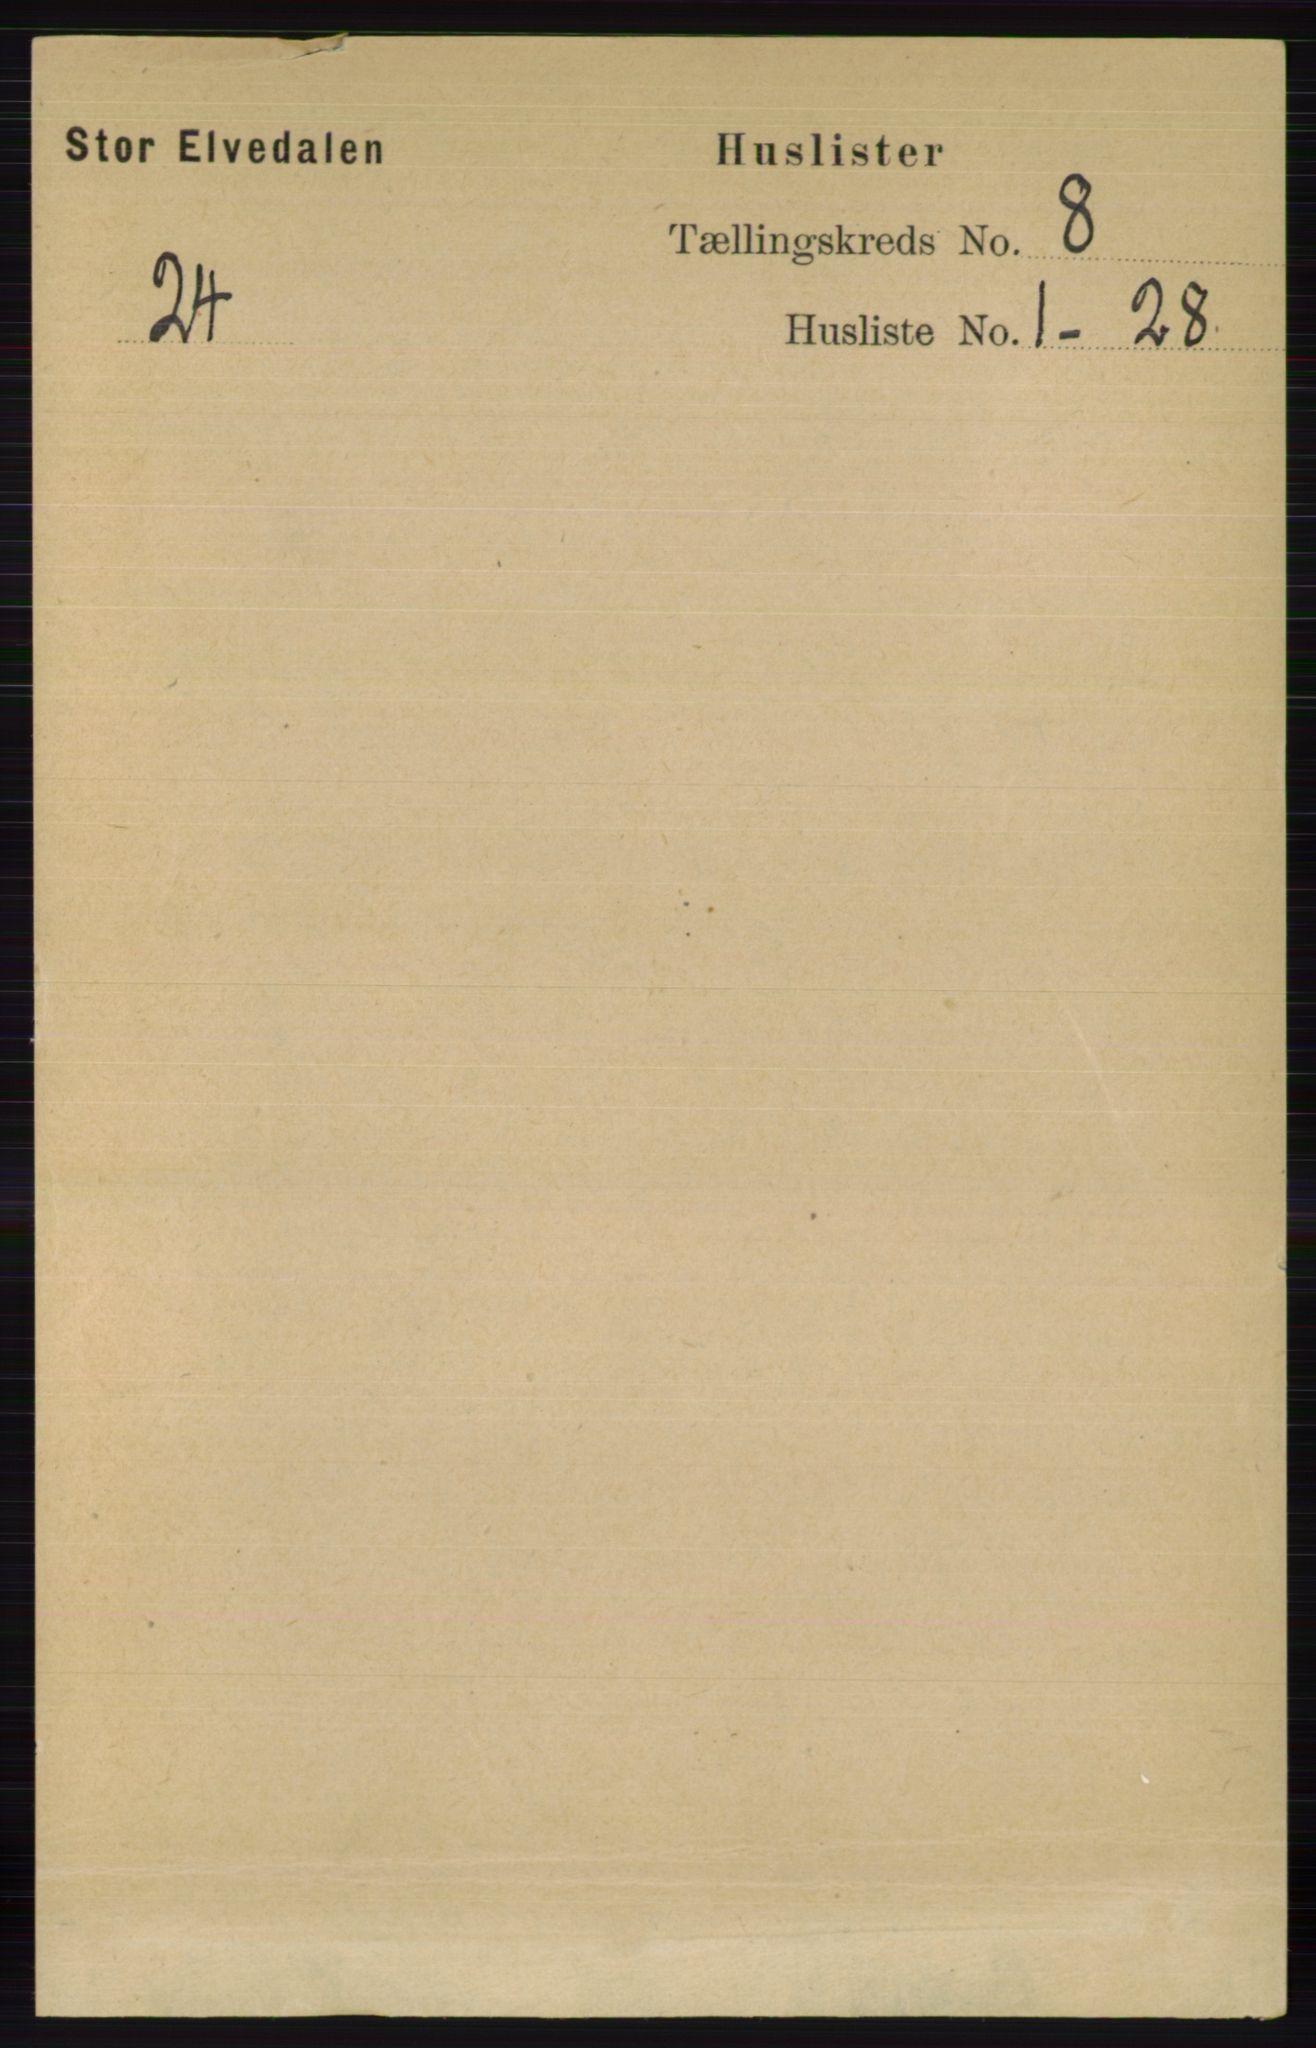 RA, Folketelling 1891 for 0430 Stor-Elvdal herred, 1891, s. 3412